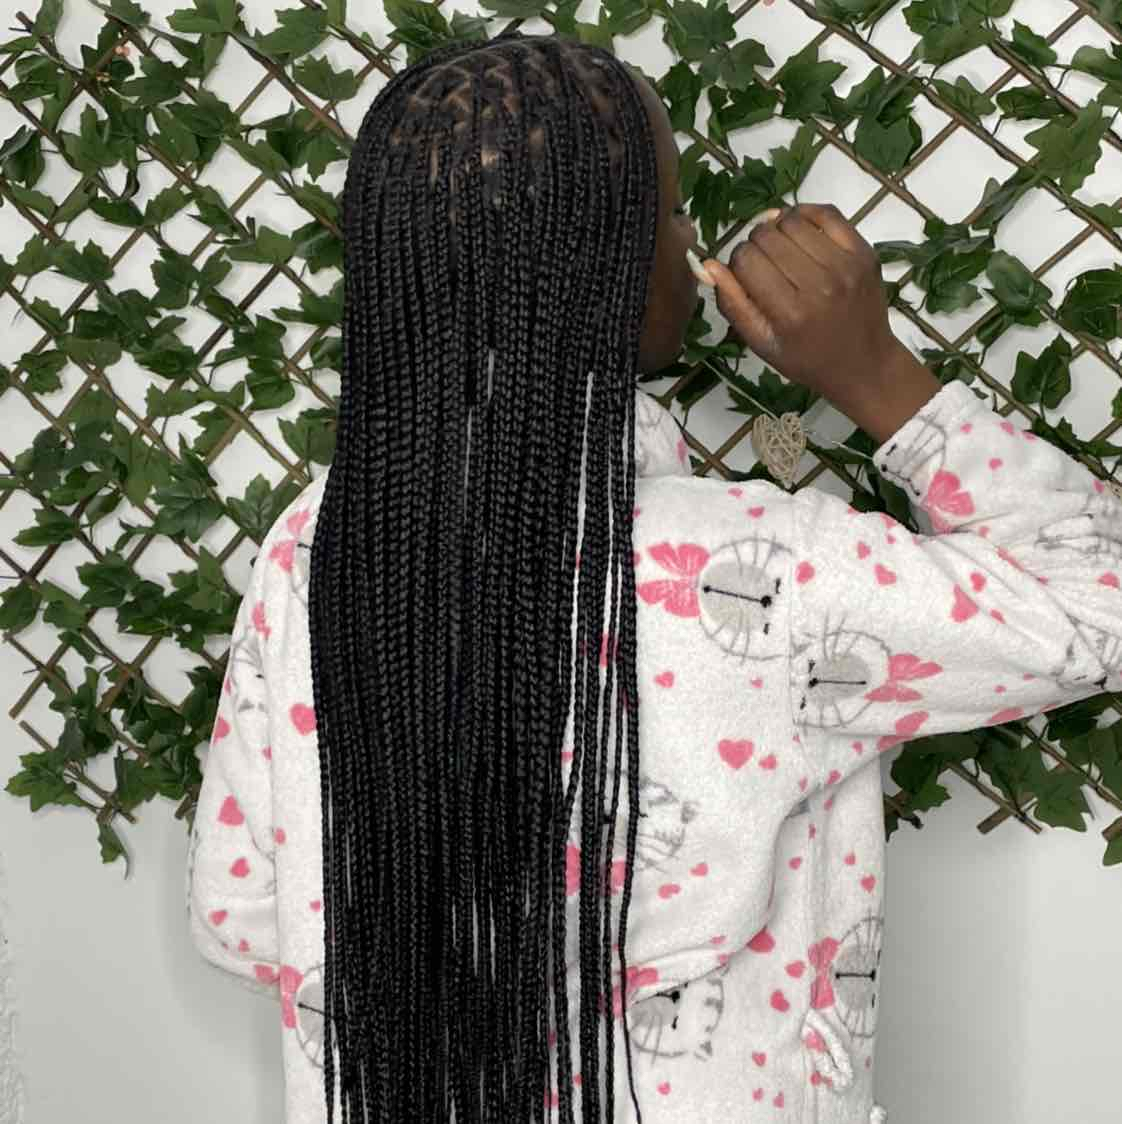 salon de coiffure afro tresse tresses box braids crochet braids vanilles tissages paris 75 77 78 91 92 93 94 95 DDXADLYP